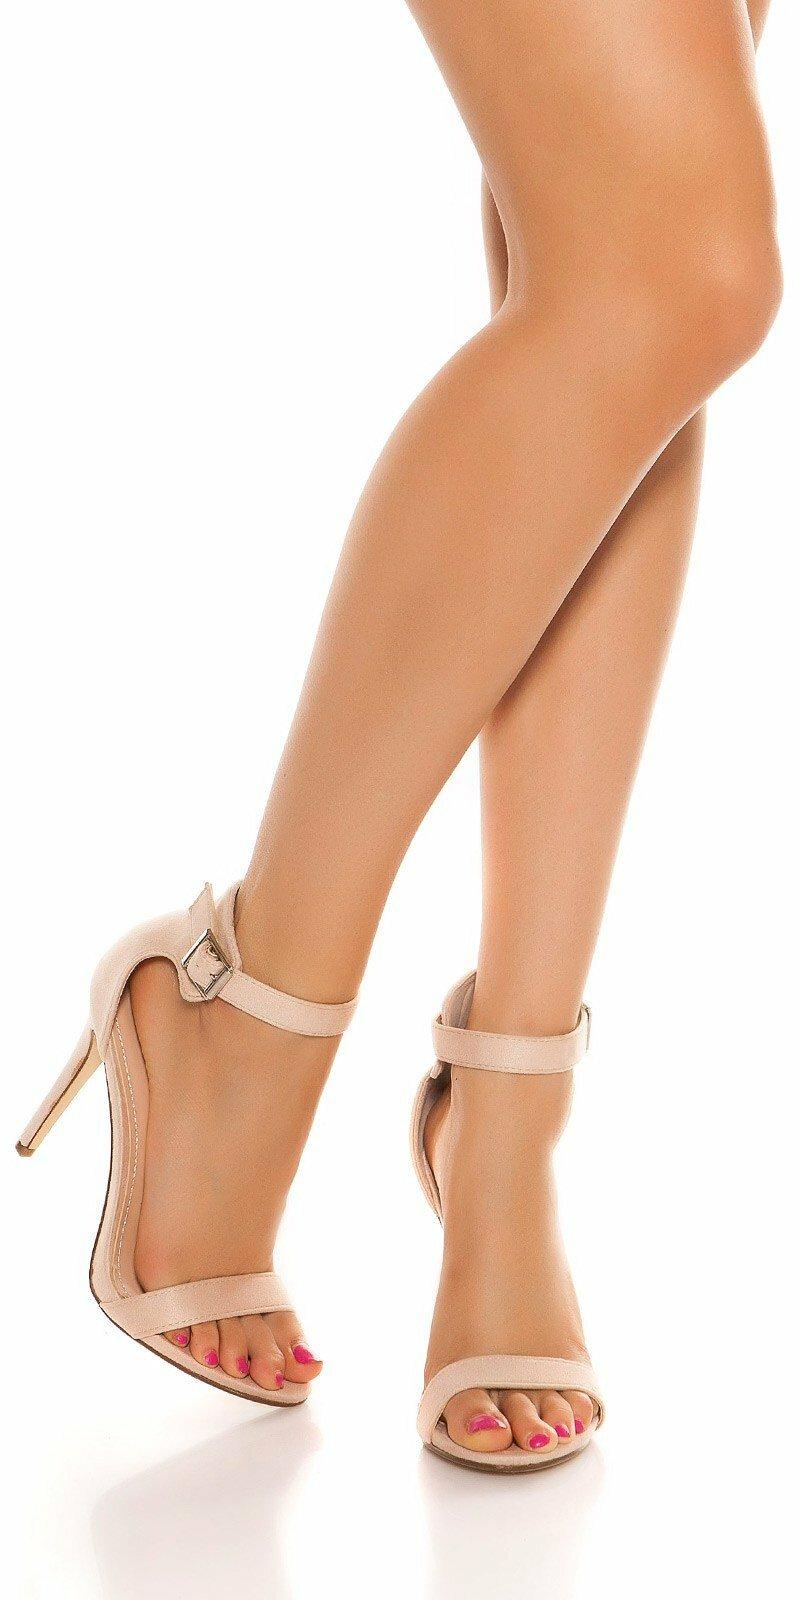 08abcd59c185 Sandále s remienkom na vysokom podpätku  Velkosť topánok 41 Farba Béžová